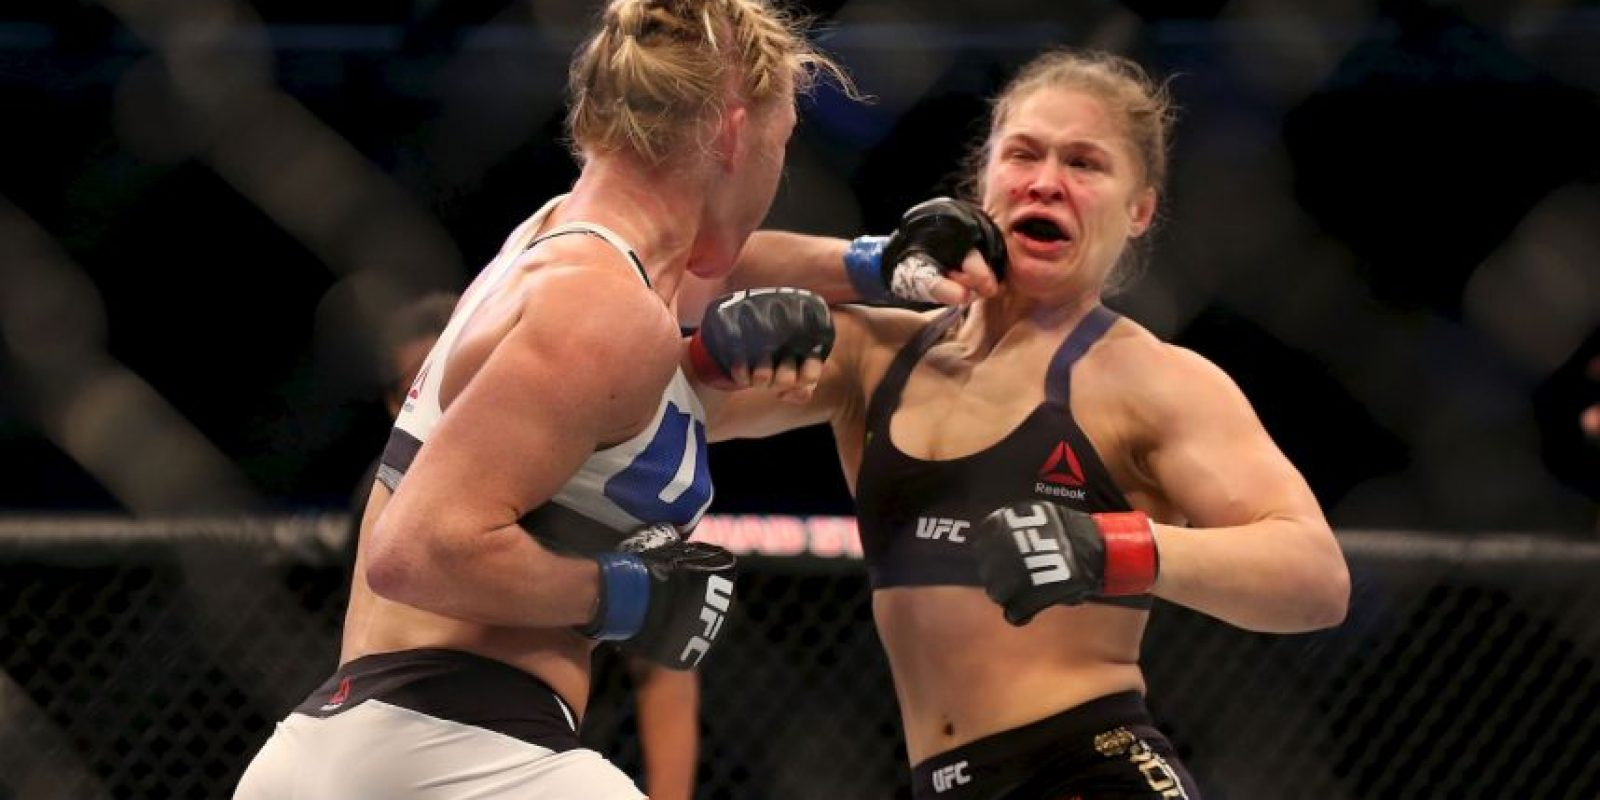 Pero en el combate ante Holly Holm, perdió su título al caer noqueada en el segundo round. Foto:Getty Images